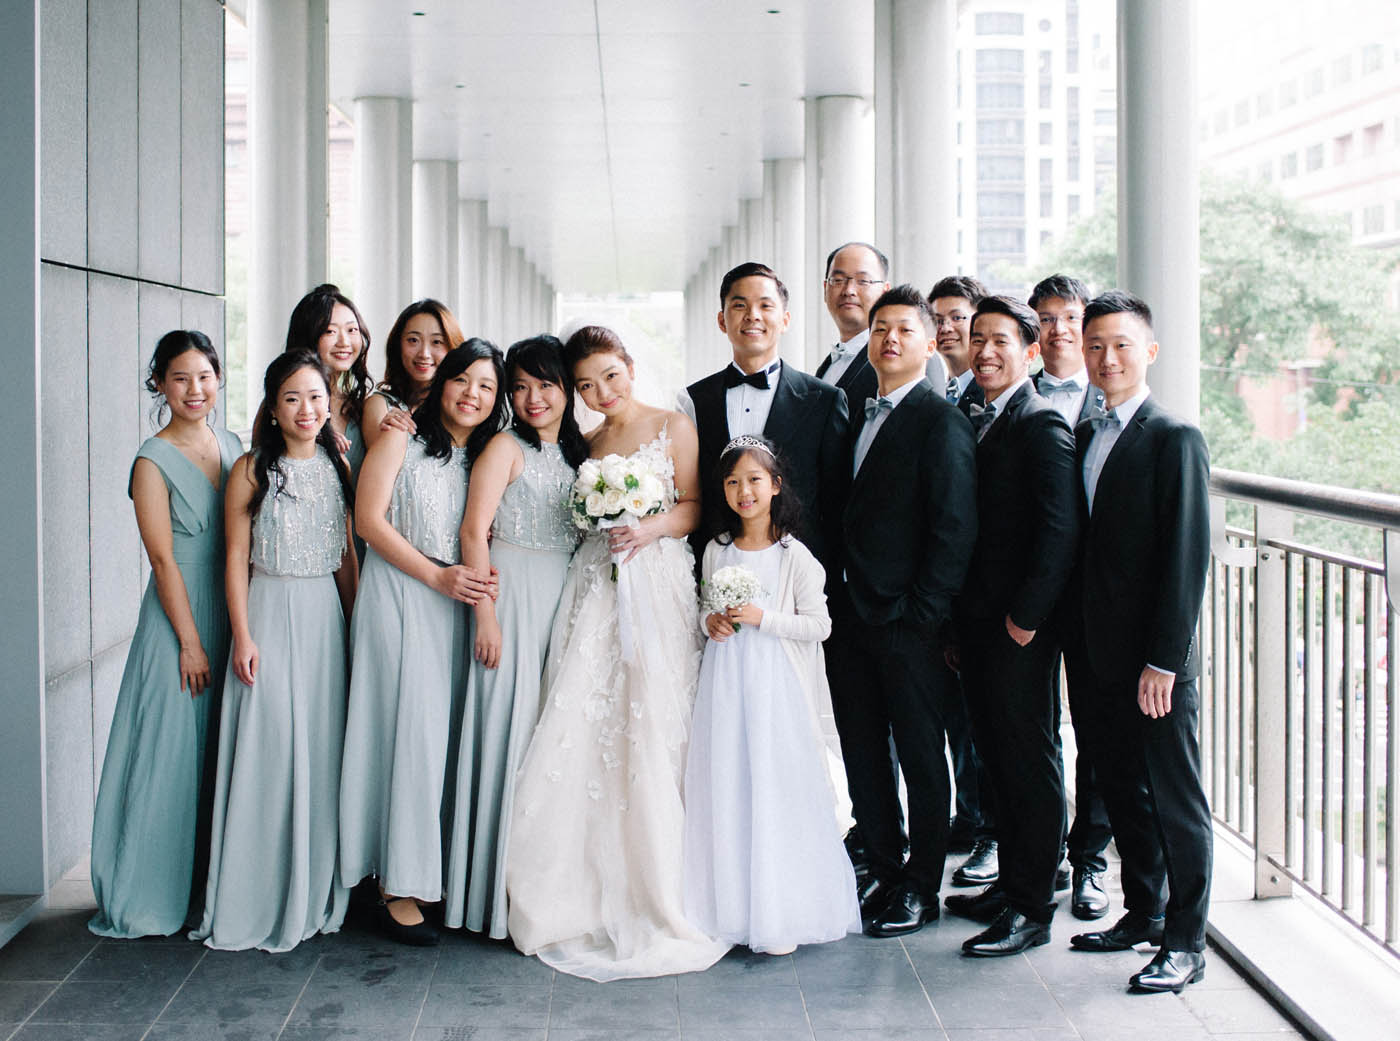 伴郎伴娘-婚禮照片